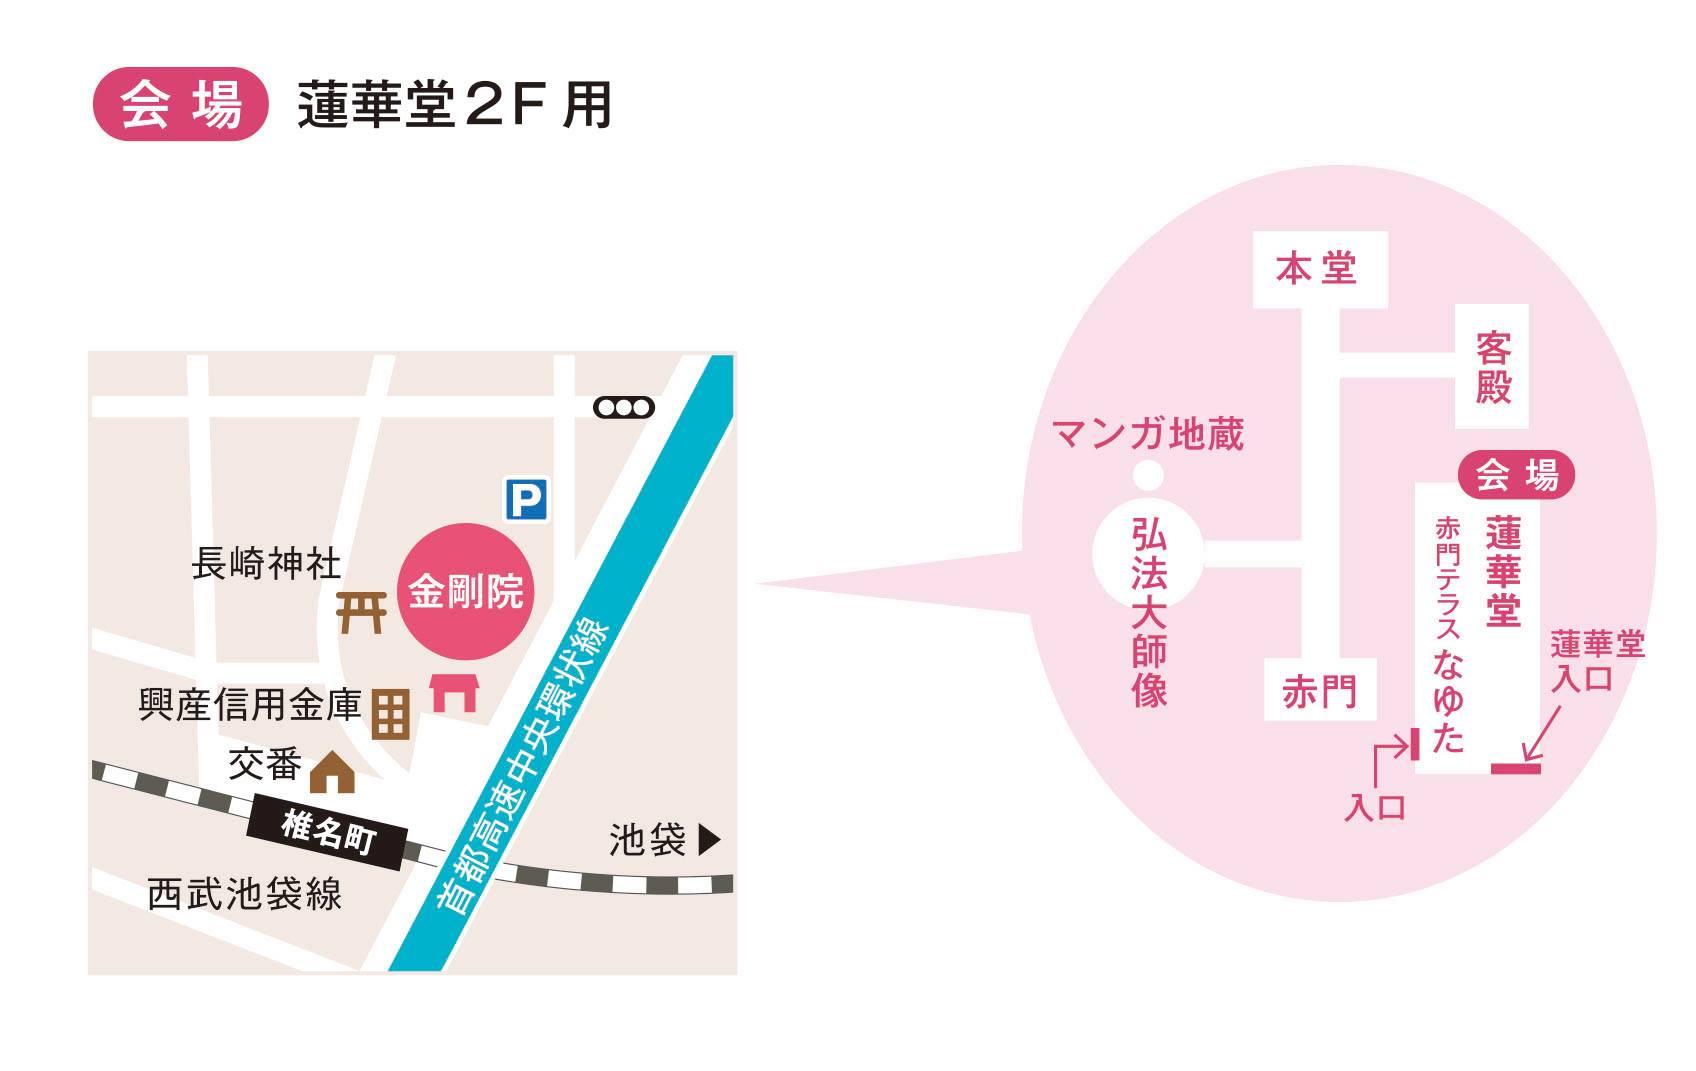 11/26(土)【東京】キッサコふるまも2016プレイベント in 東京「キッサコお寺deチャリティーライブ for 熊本」